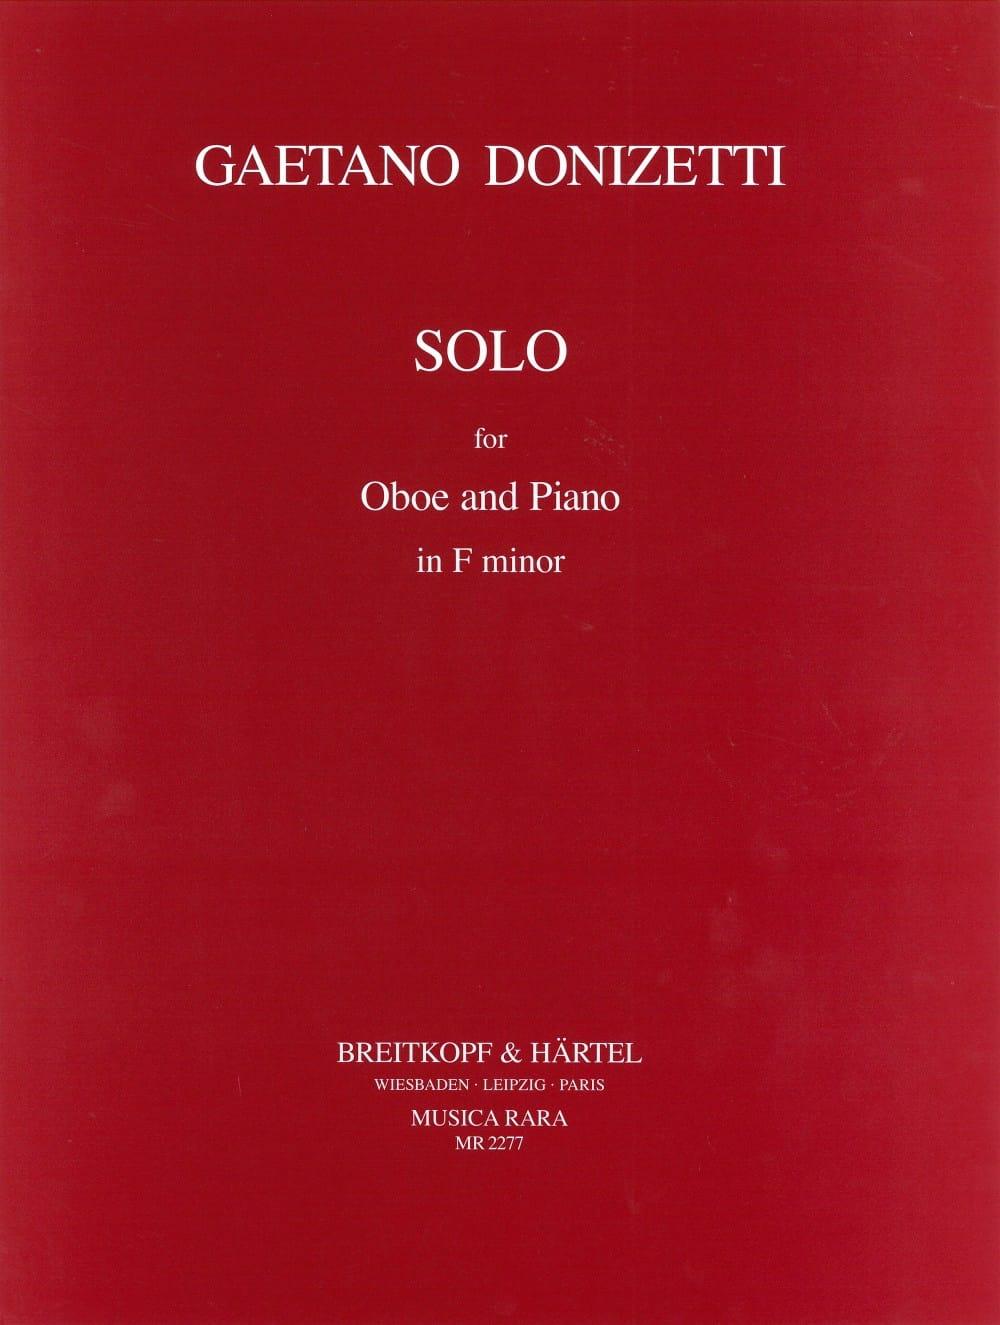 Solo in F minor for Oboe and piano - DONIZETTI - laflutedepan.com